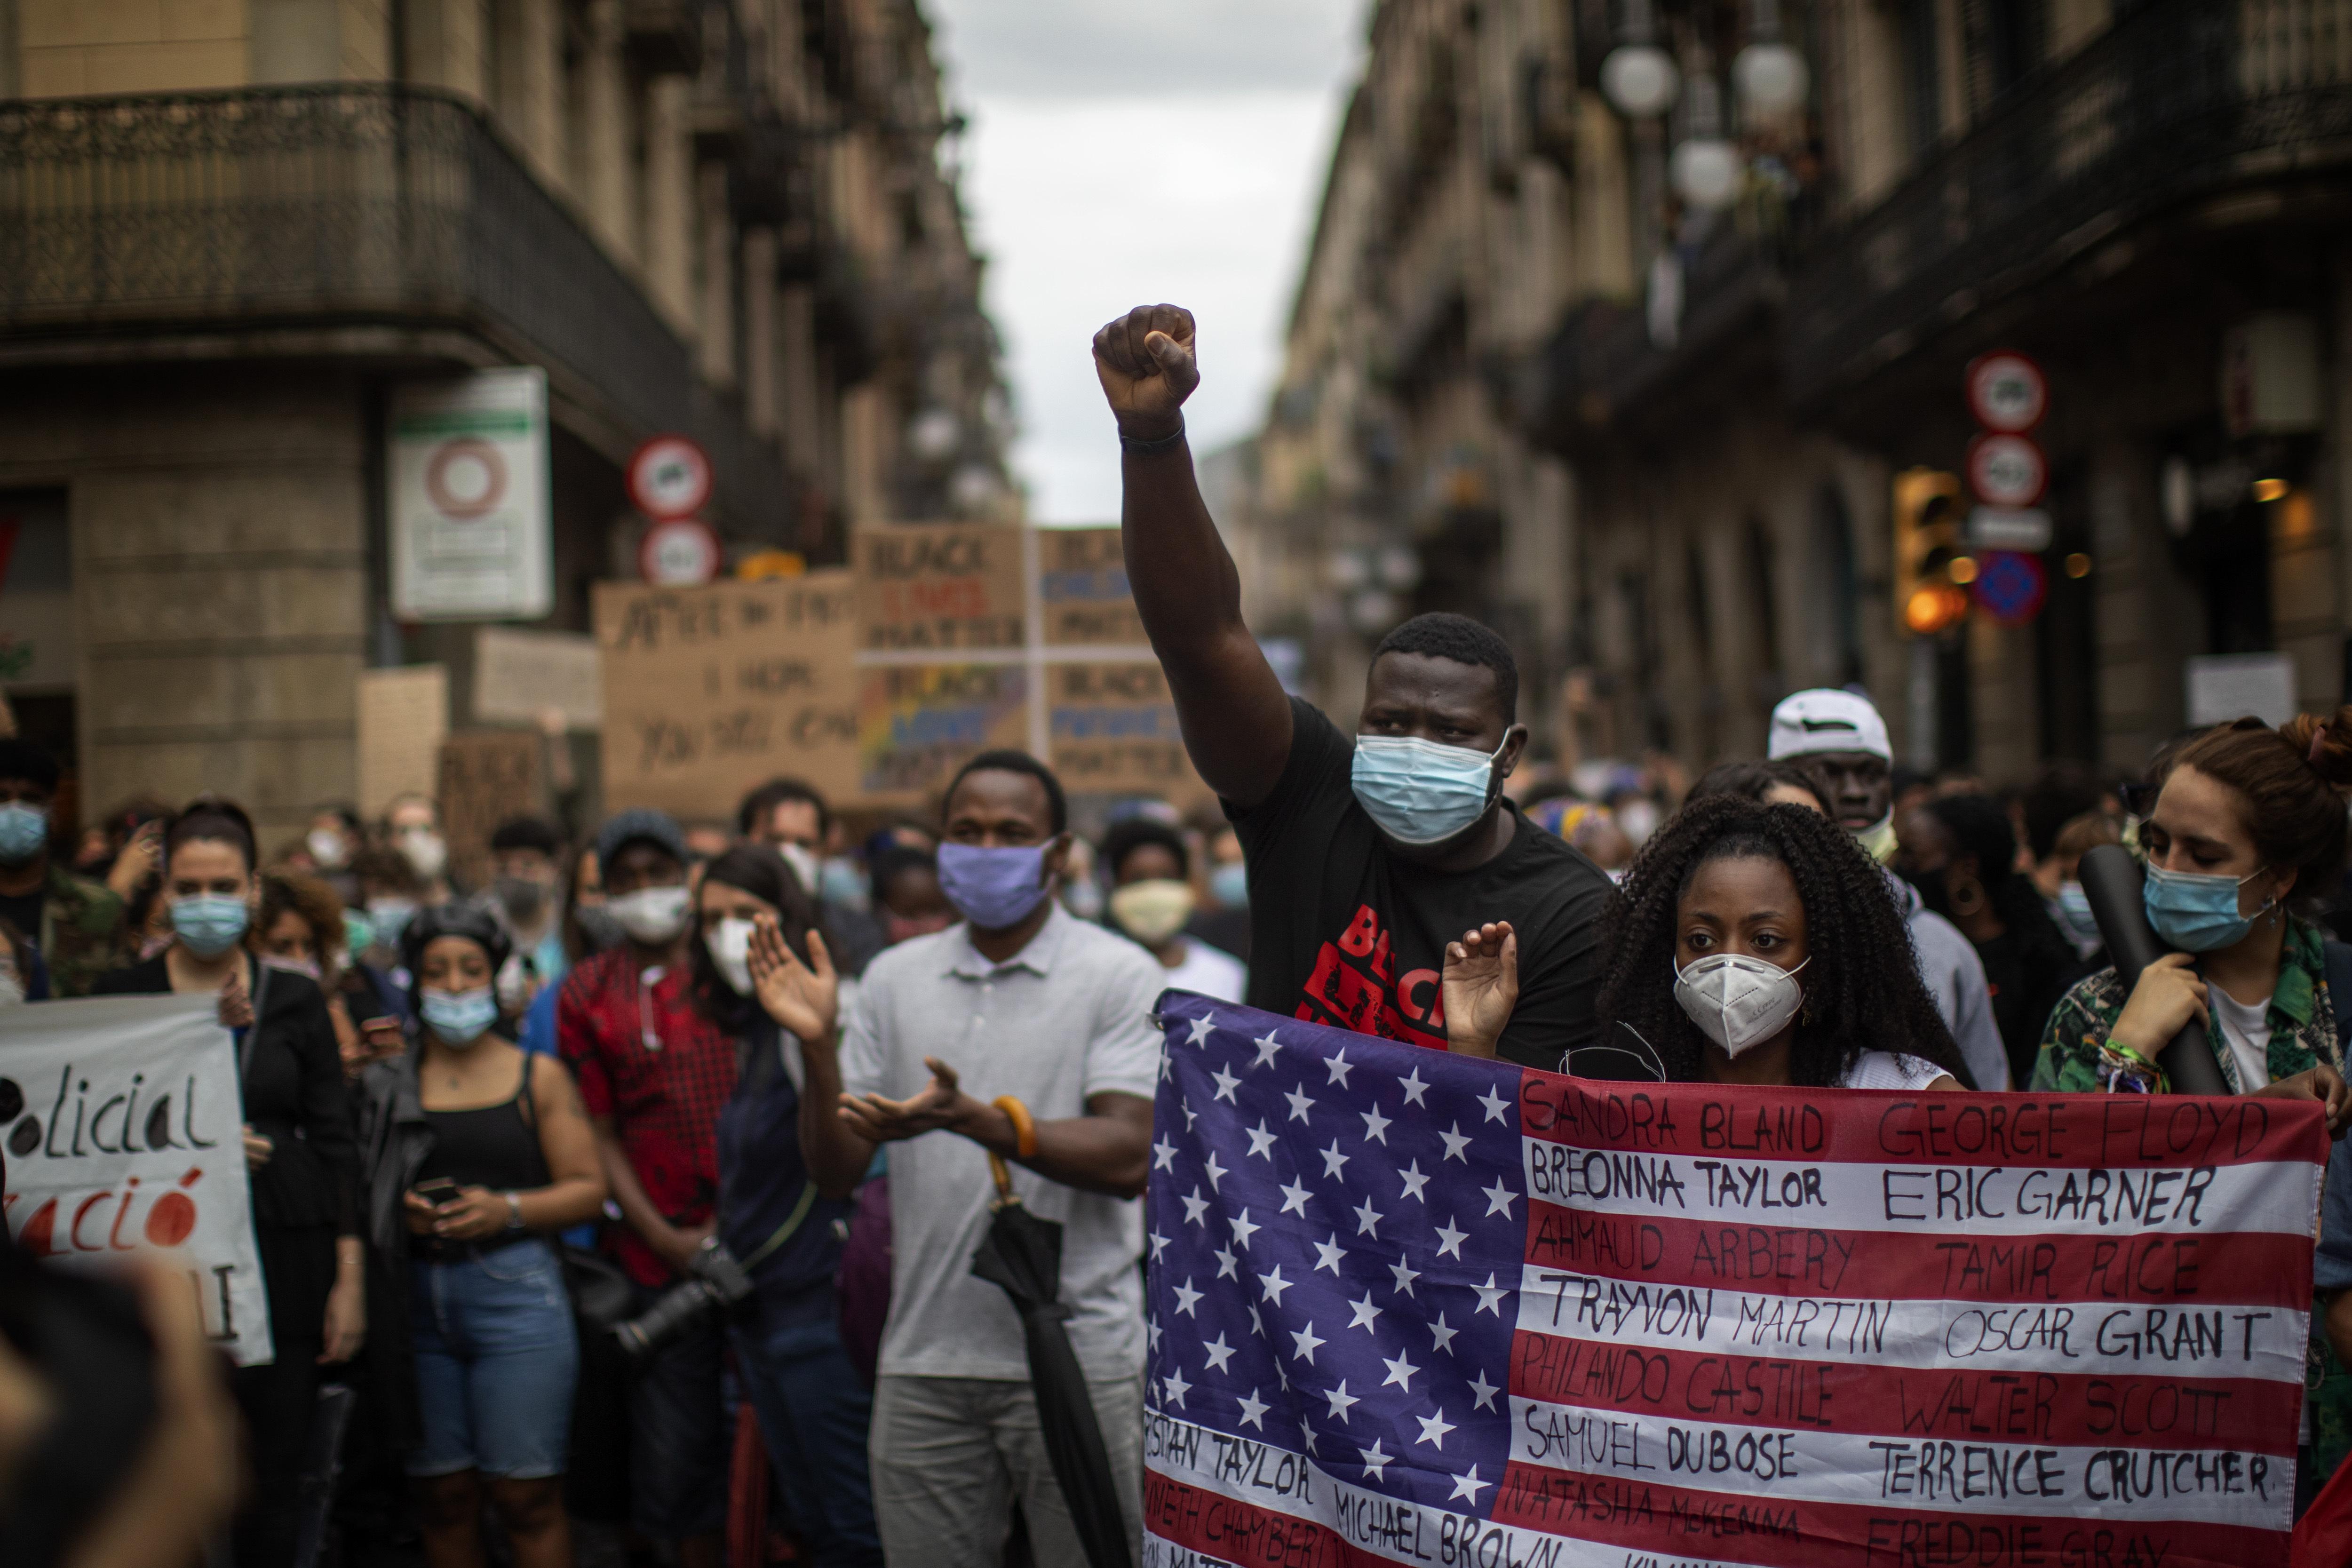 En Barcelona, manifestantes llenaron la plaza de Sant Jaume, donde se encuentra el gobierno regional. Enmascarados y manteniendo su distancia, levantaron carteles en inglés para denunciar el racismo en España y Europa